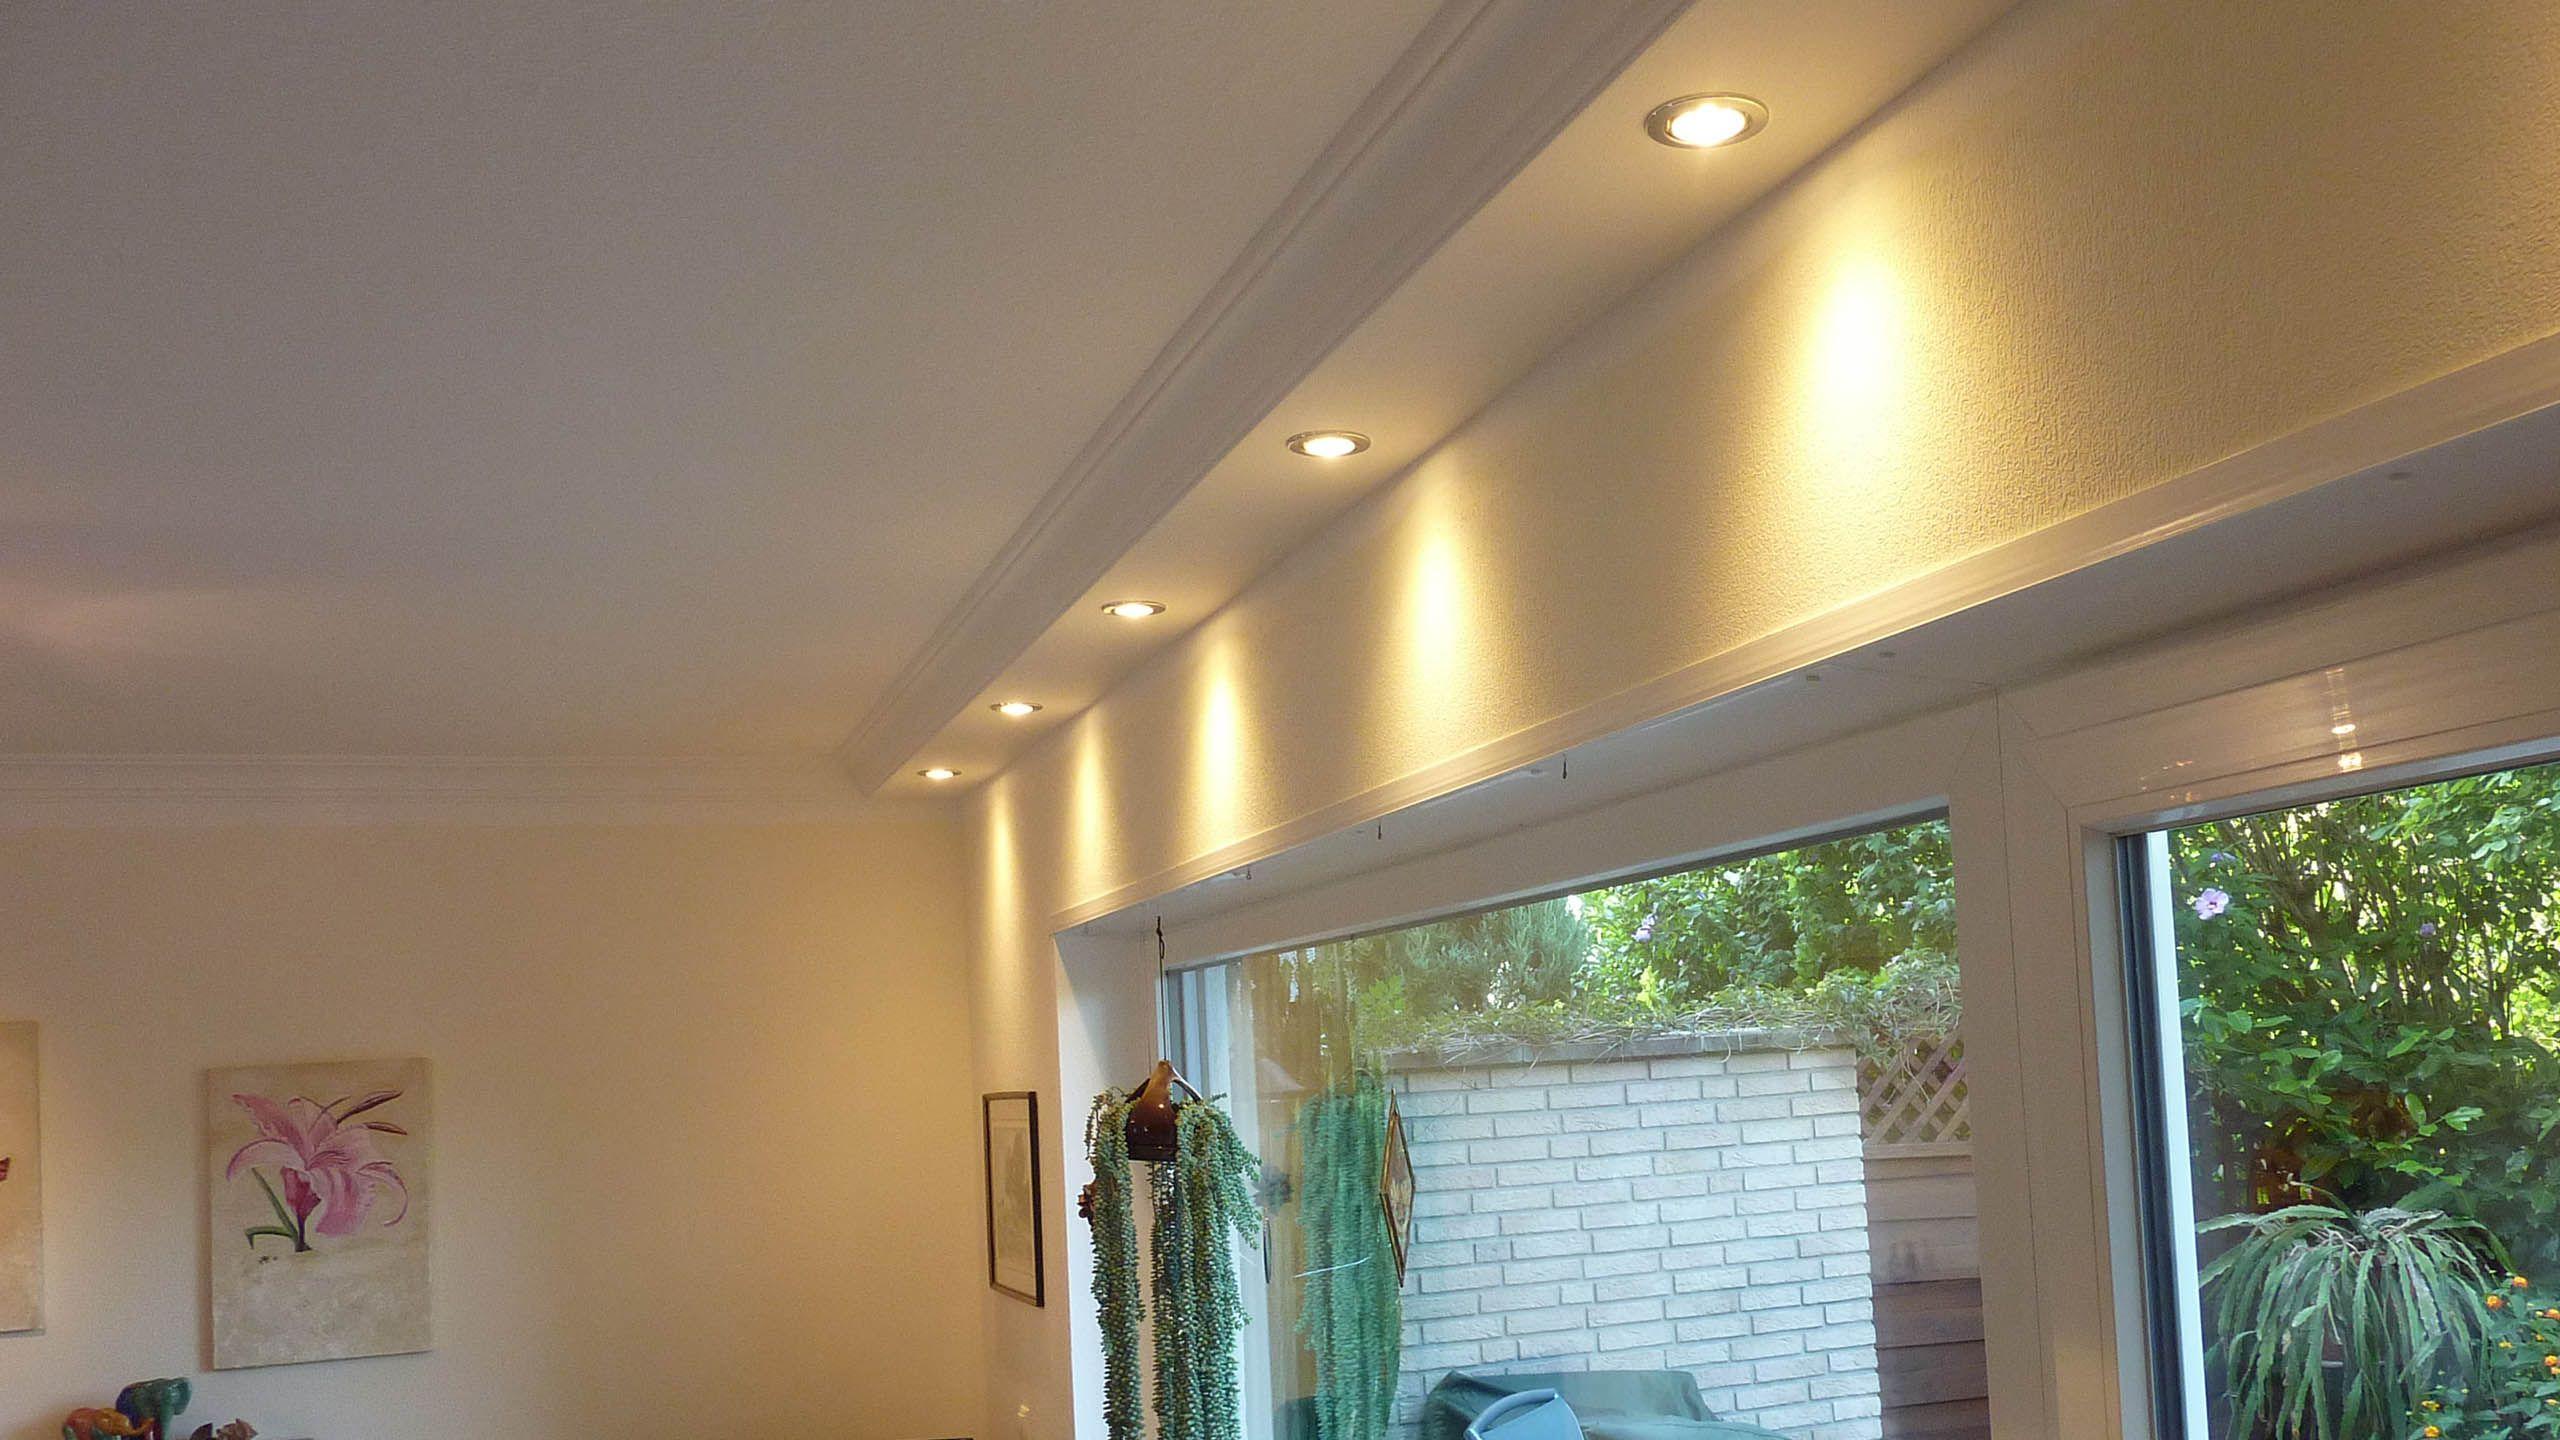 Esszimmer Mit Klassischen Deckenprofilen Fur Die Direkte Beleuchtung Indirekte Beleuchtung Beleuchtung Beleuchtung Wohnzimmer